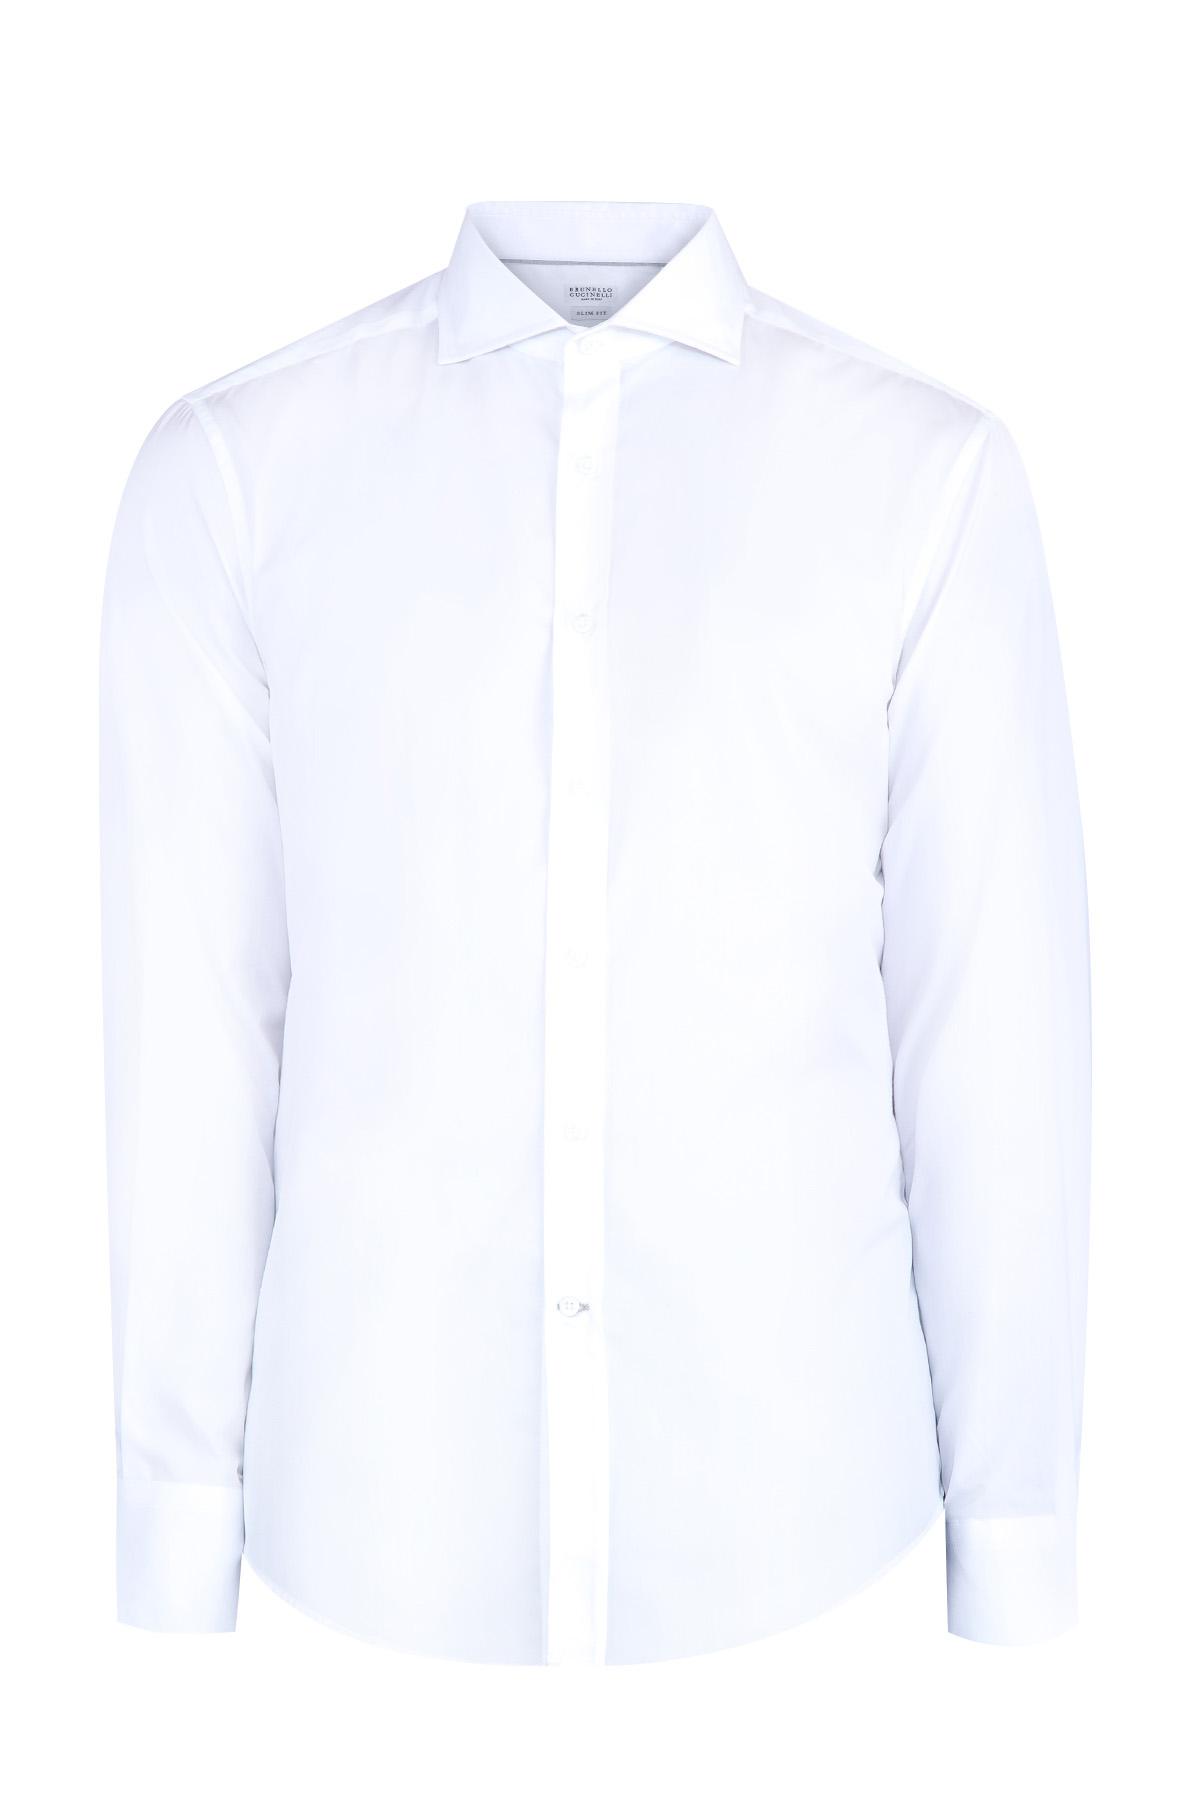 Купить Классическая рубашка с длинными рукавами и воротом для галстука, BRUNELLO CUCINELLI, Италия, хлопок 100%